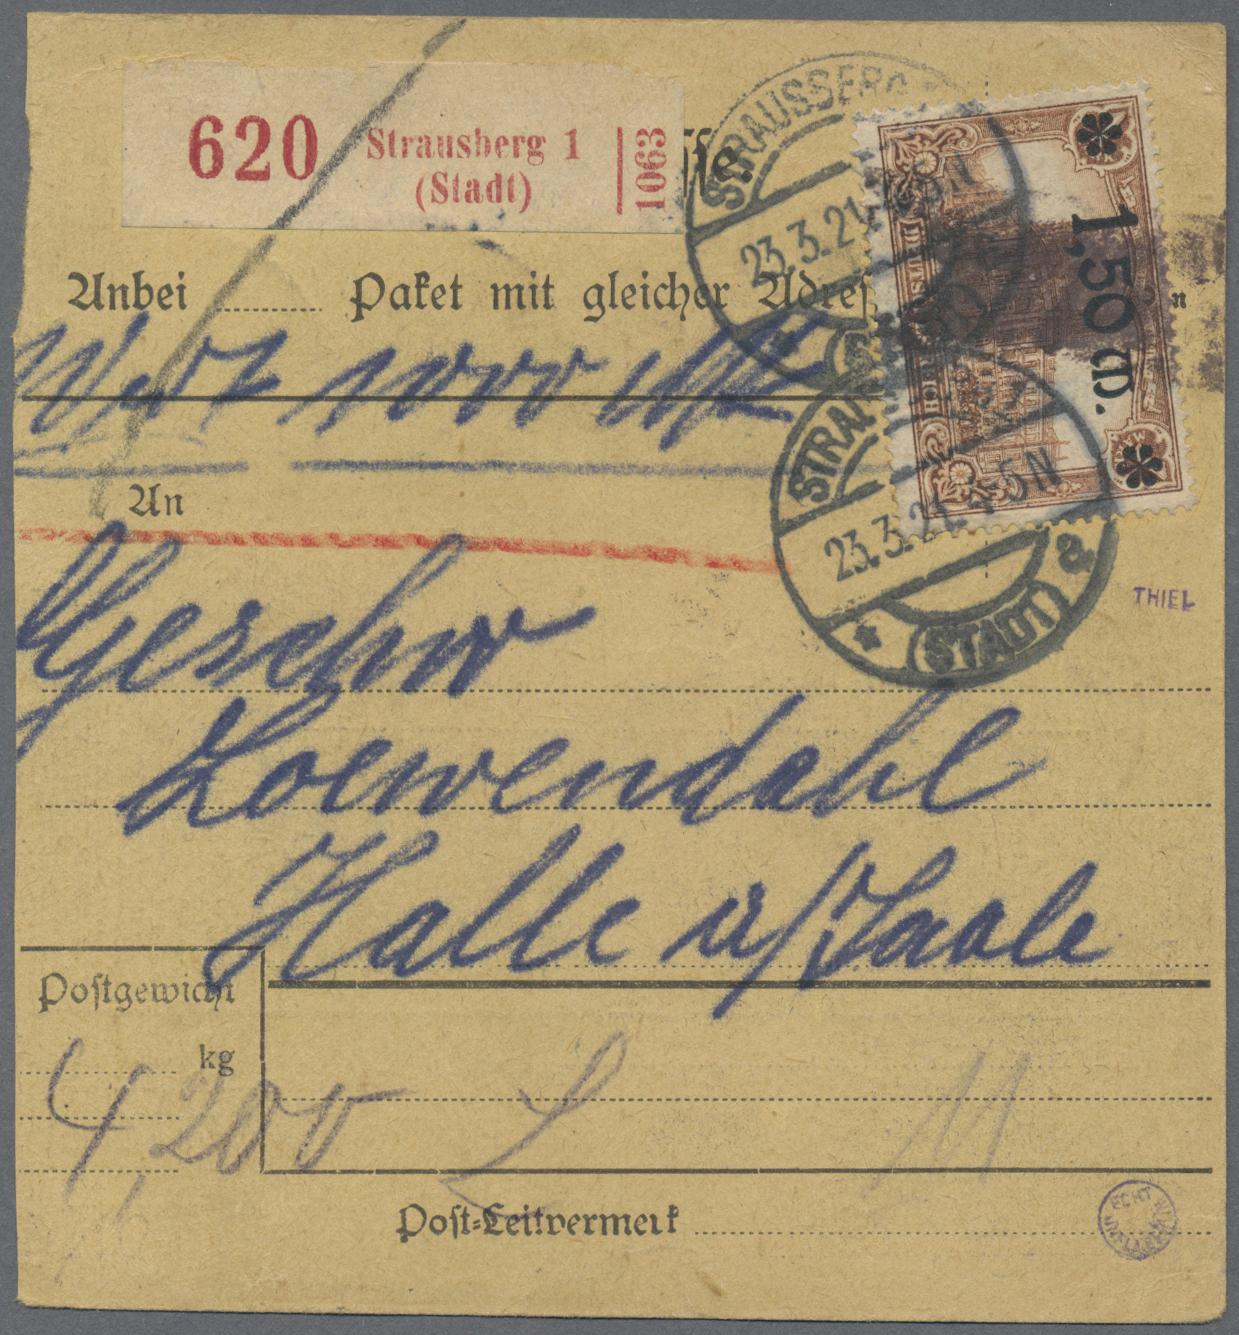 Lot 28122 - altdeutschland und deutsches reich  -  Auktionshaus Christoph Gärtner GmbH & Co. KG Sale #46 Gollcetions Germany - including the suplement